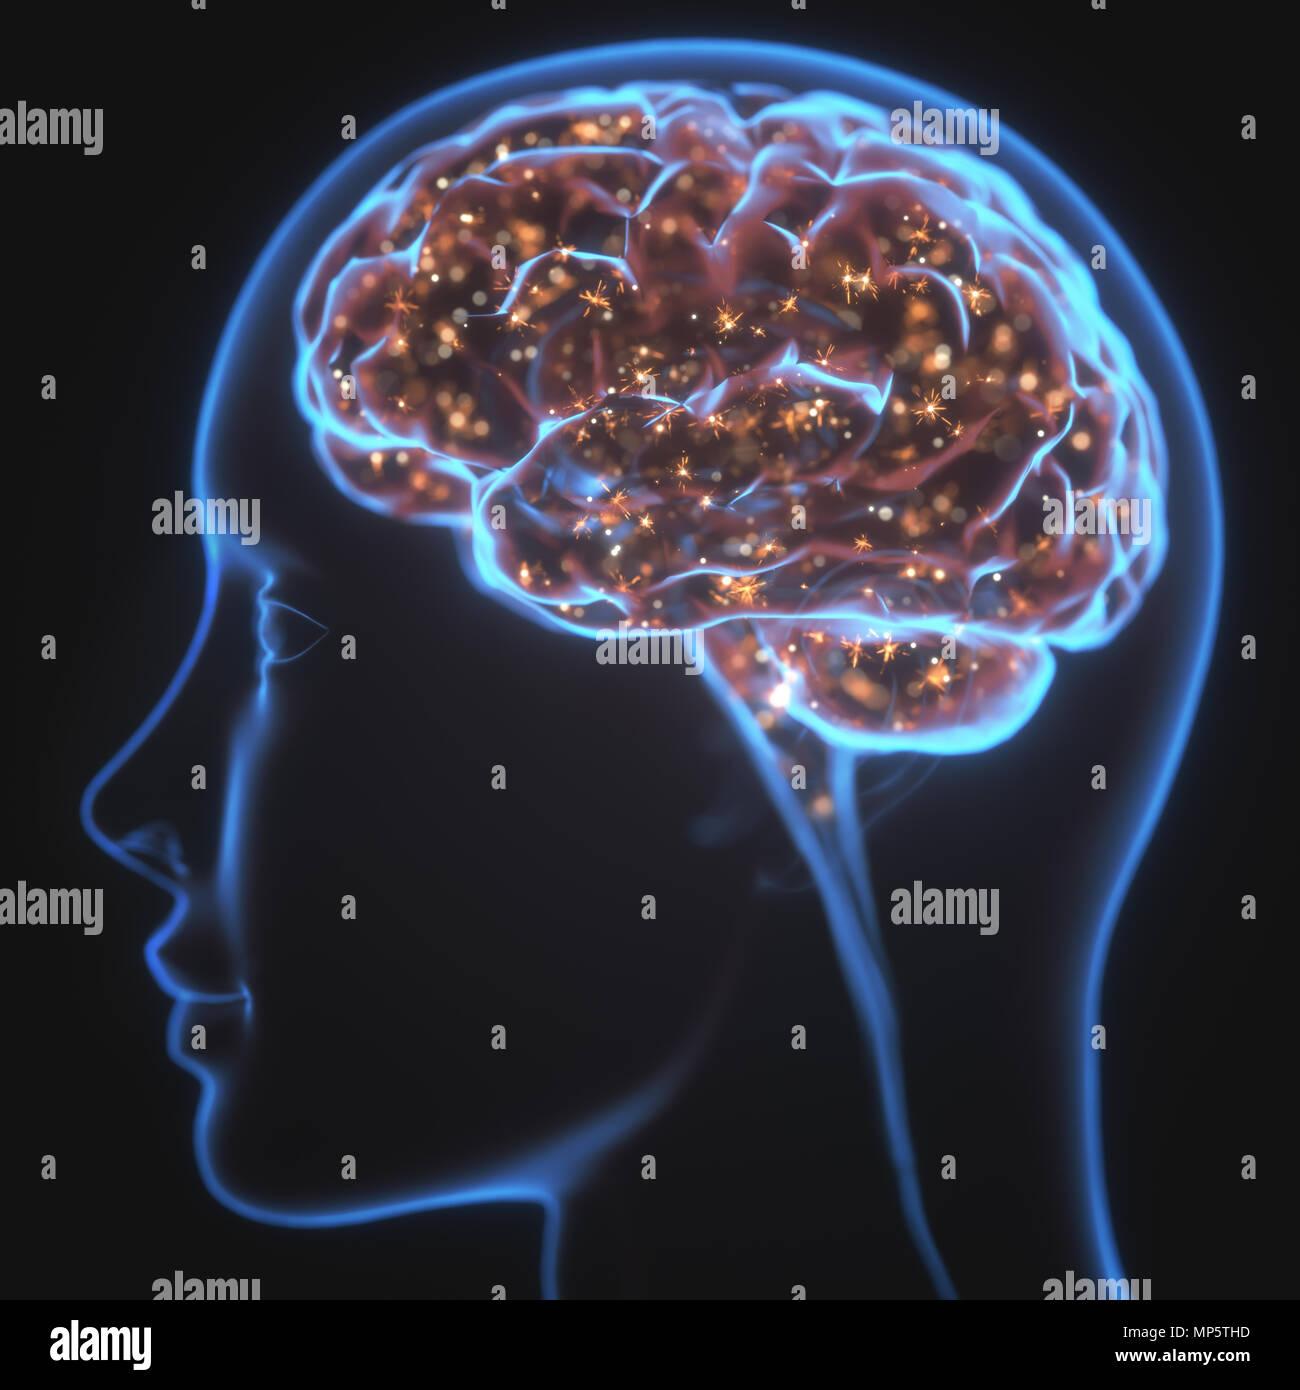 Ilustración 3D. Radiografía de la cabeza y el cerebro humano en concepto de conexiones neuronales y pulsos eléctricos. Brilla dentro del cerebro. Poderosa mente. Imagen De Stock